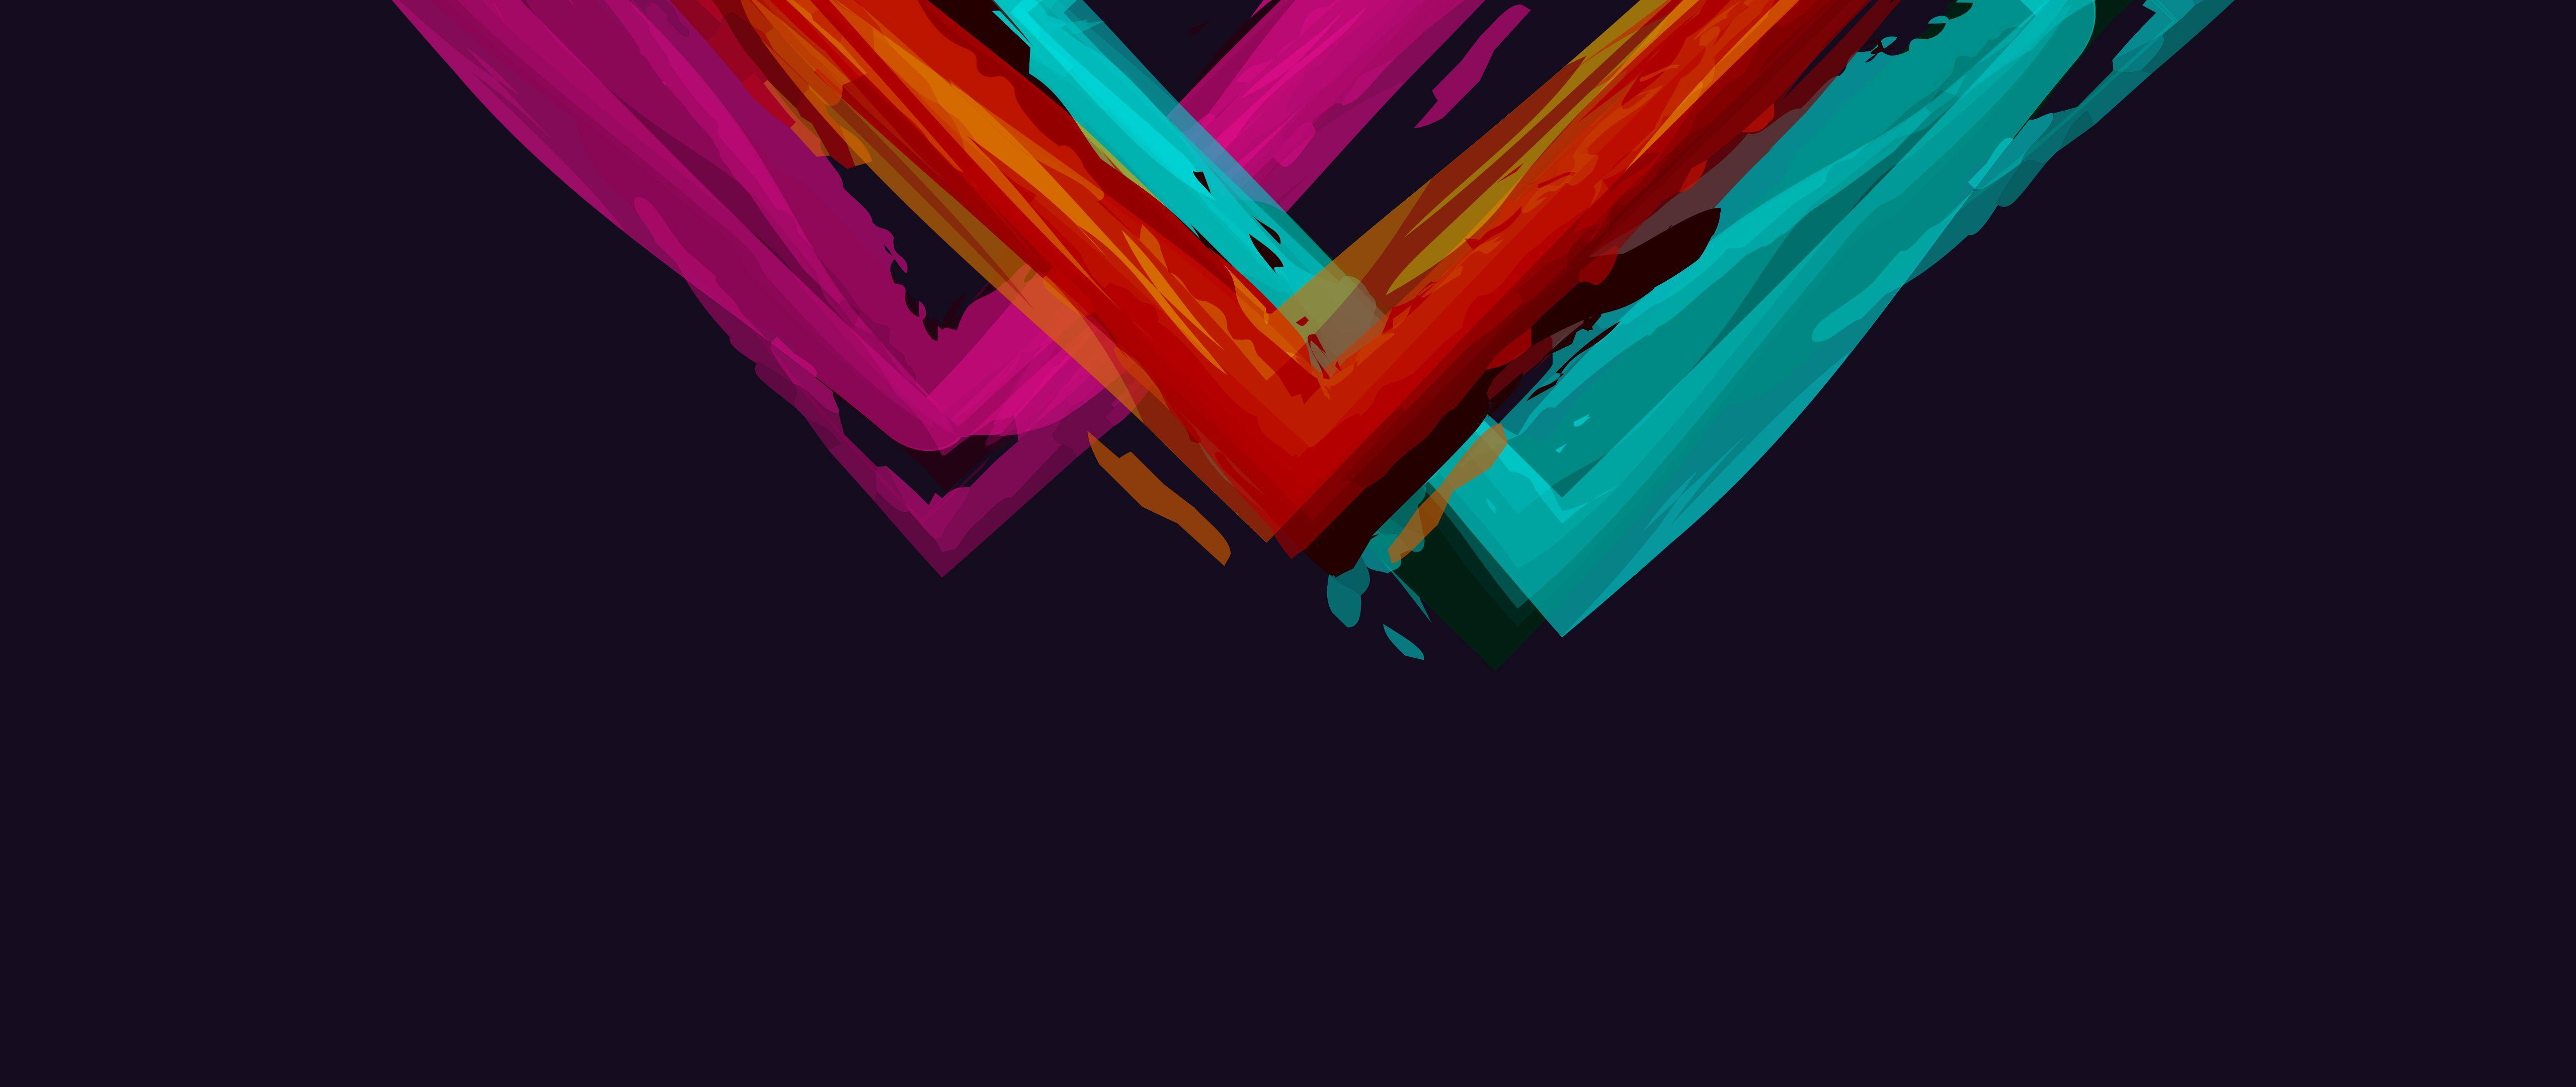 Artistic Wallpaper 153 5120x2160